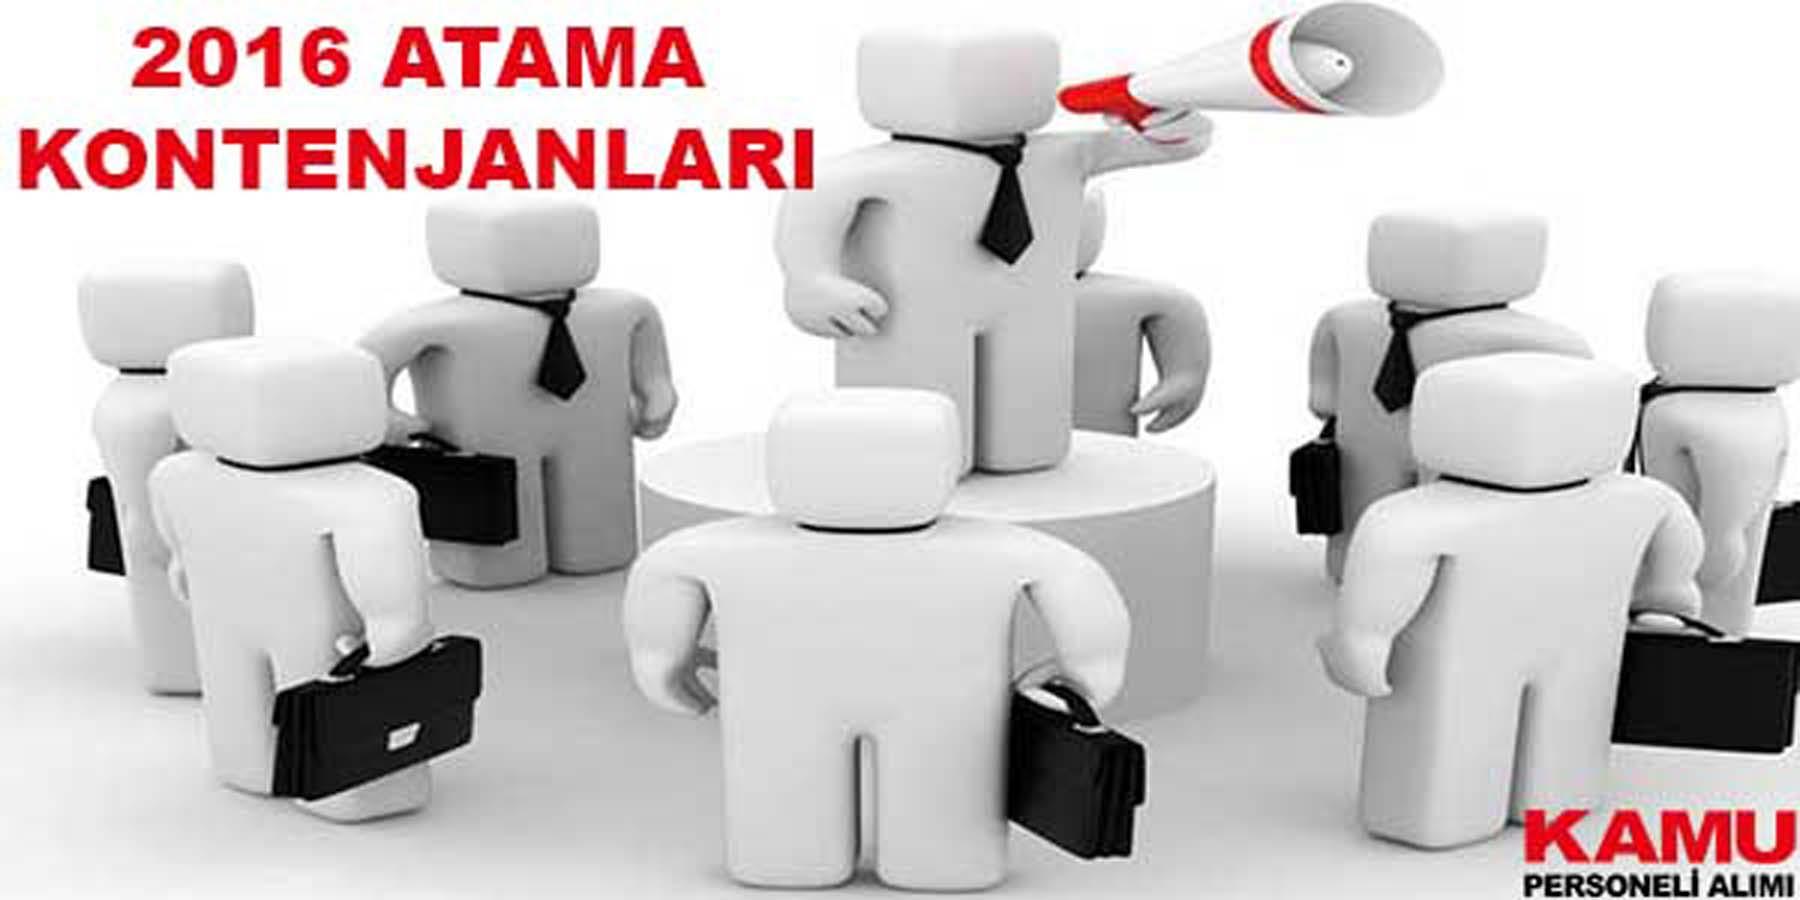 DPB Kurumlara 31.450 Atama İzni Verdi